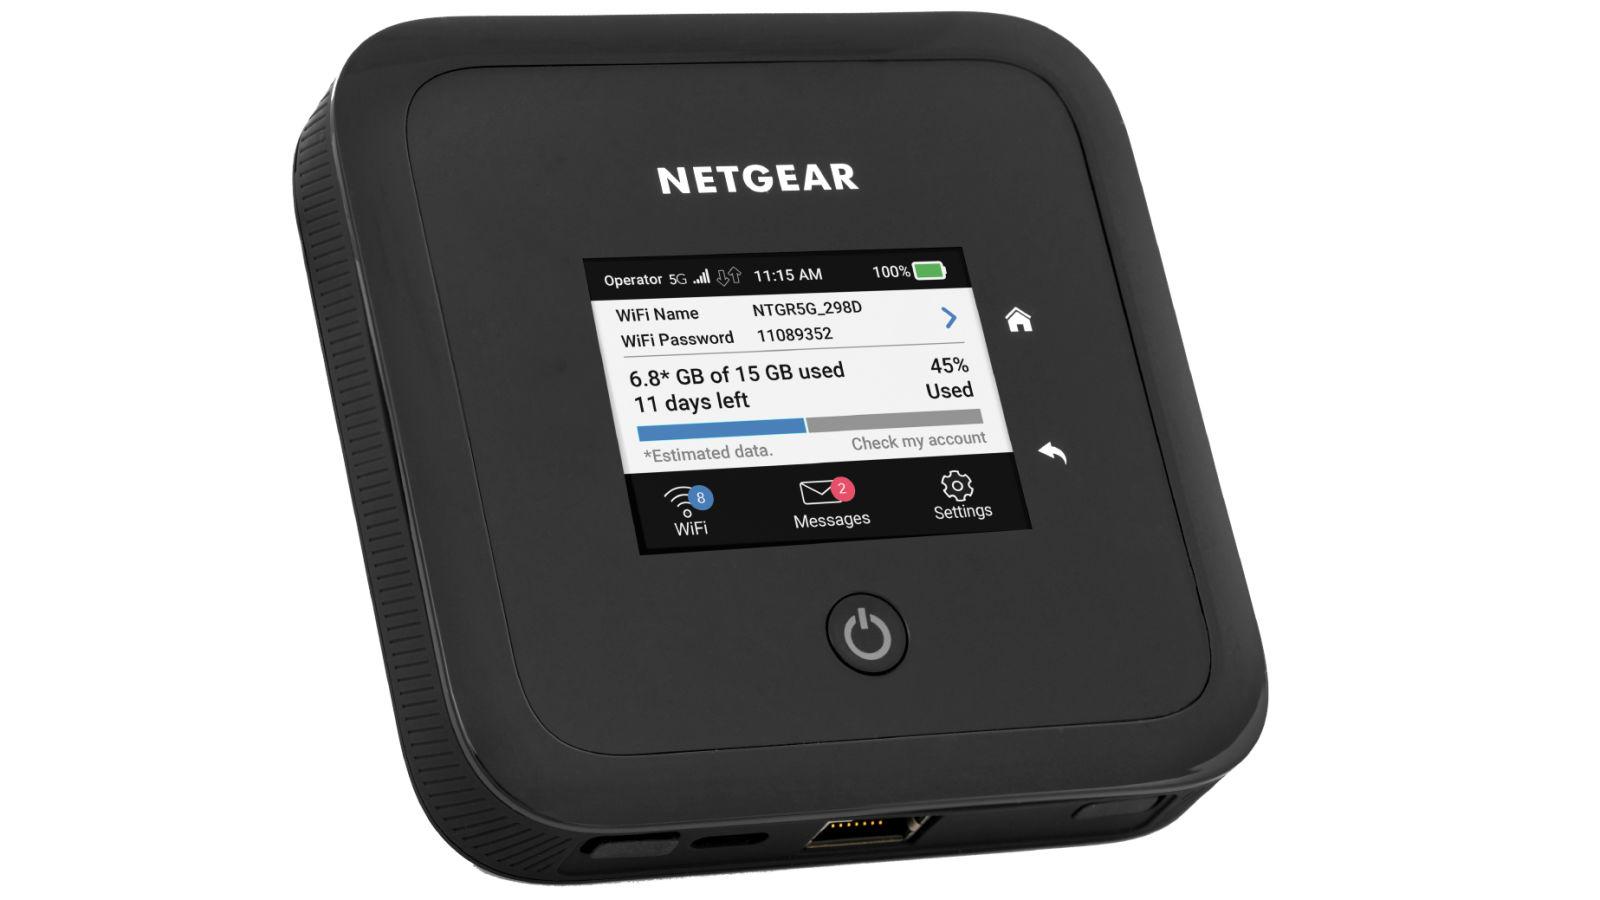 Netgear-5G-router